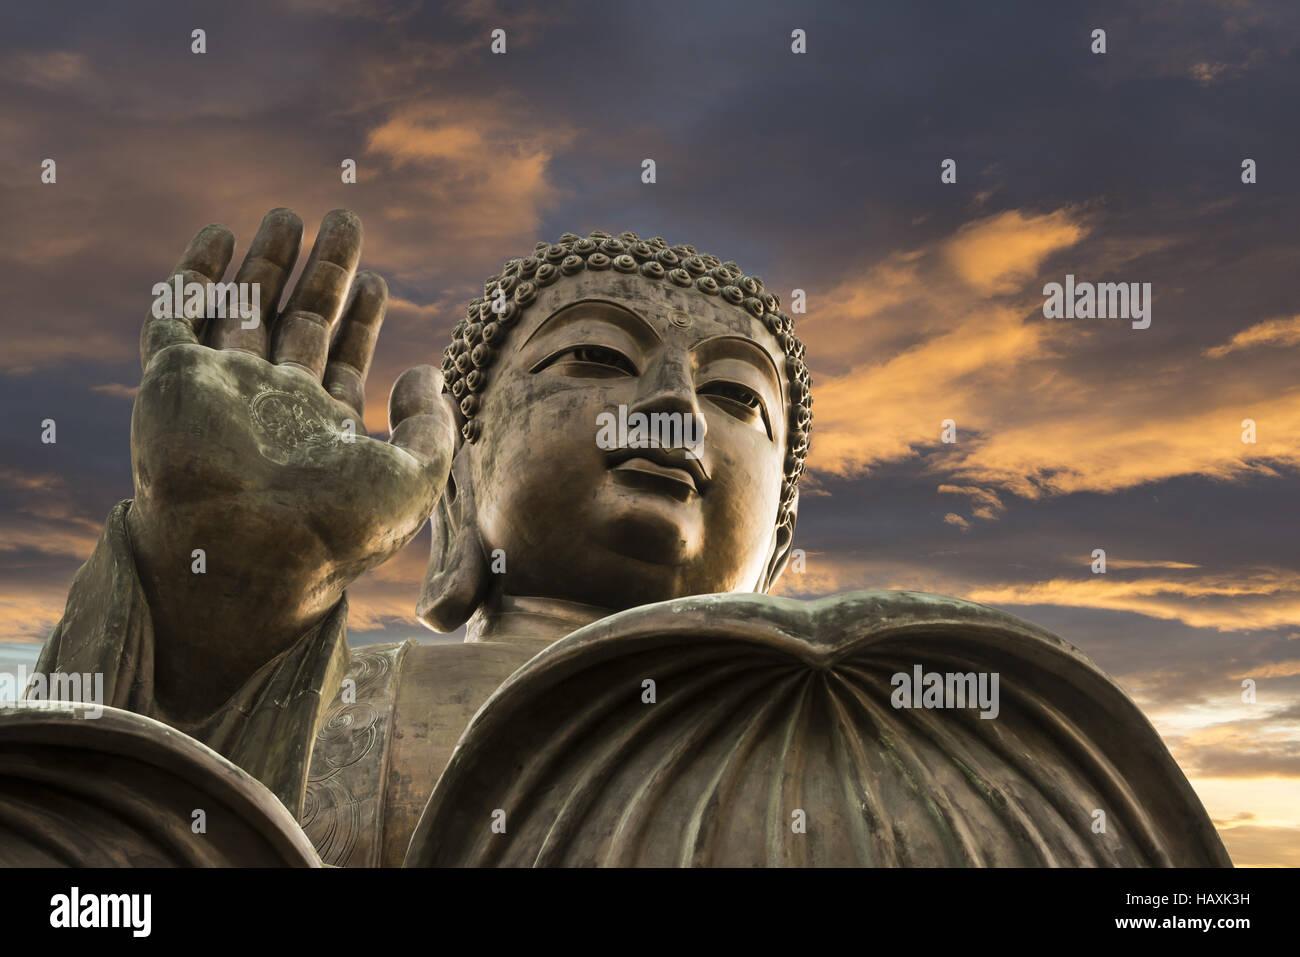 Tian Tan Buddha statue - Stock Image